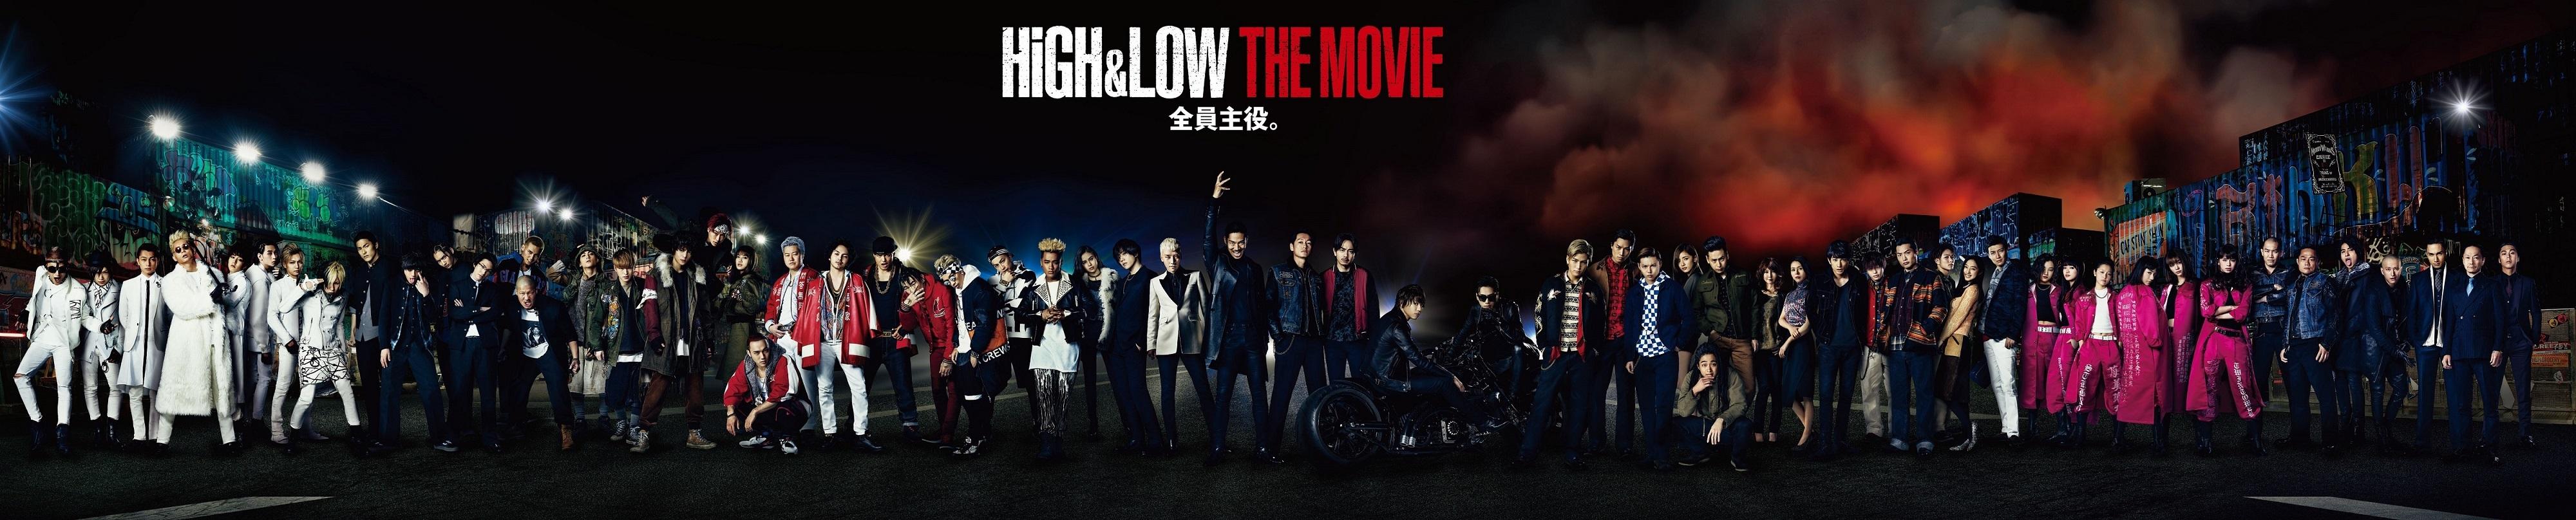 総勢62名が横一列に!『HiGH&LOW THE MOVIE』集合ビジュアル解禁